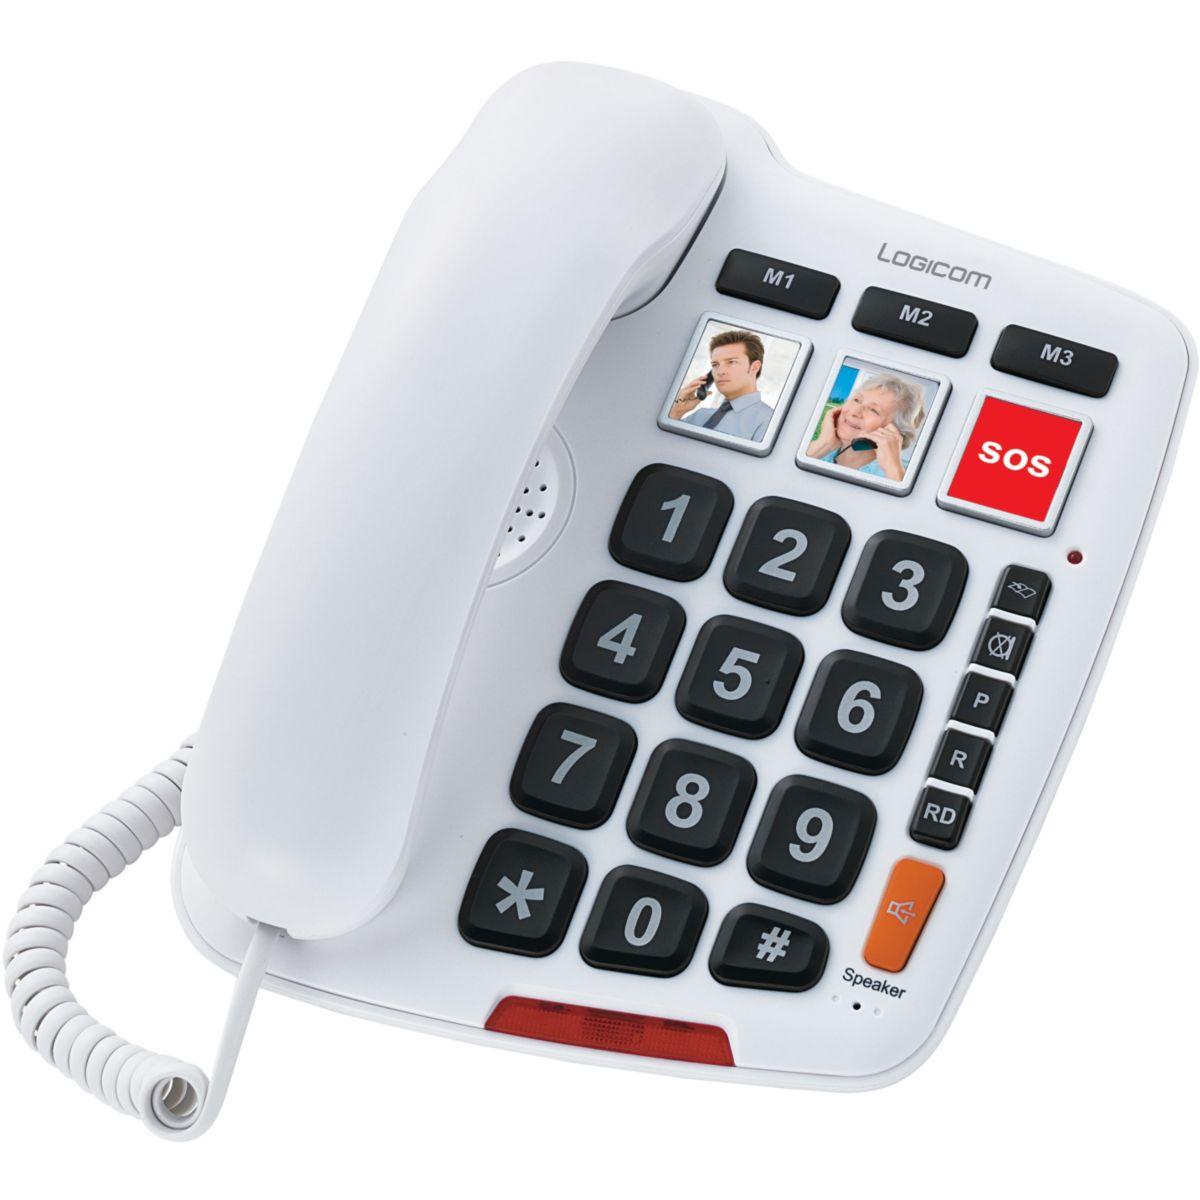 Téléphone logicom serenity 150 blanc - 7% de remise immédiate avec le code : cool7 (photo)